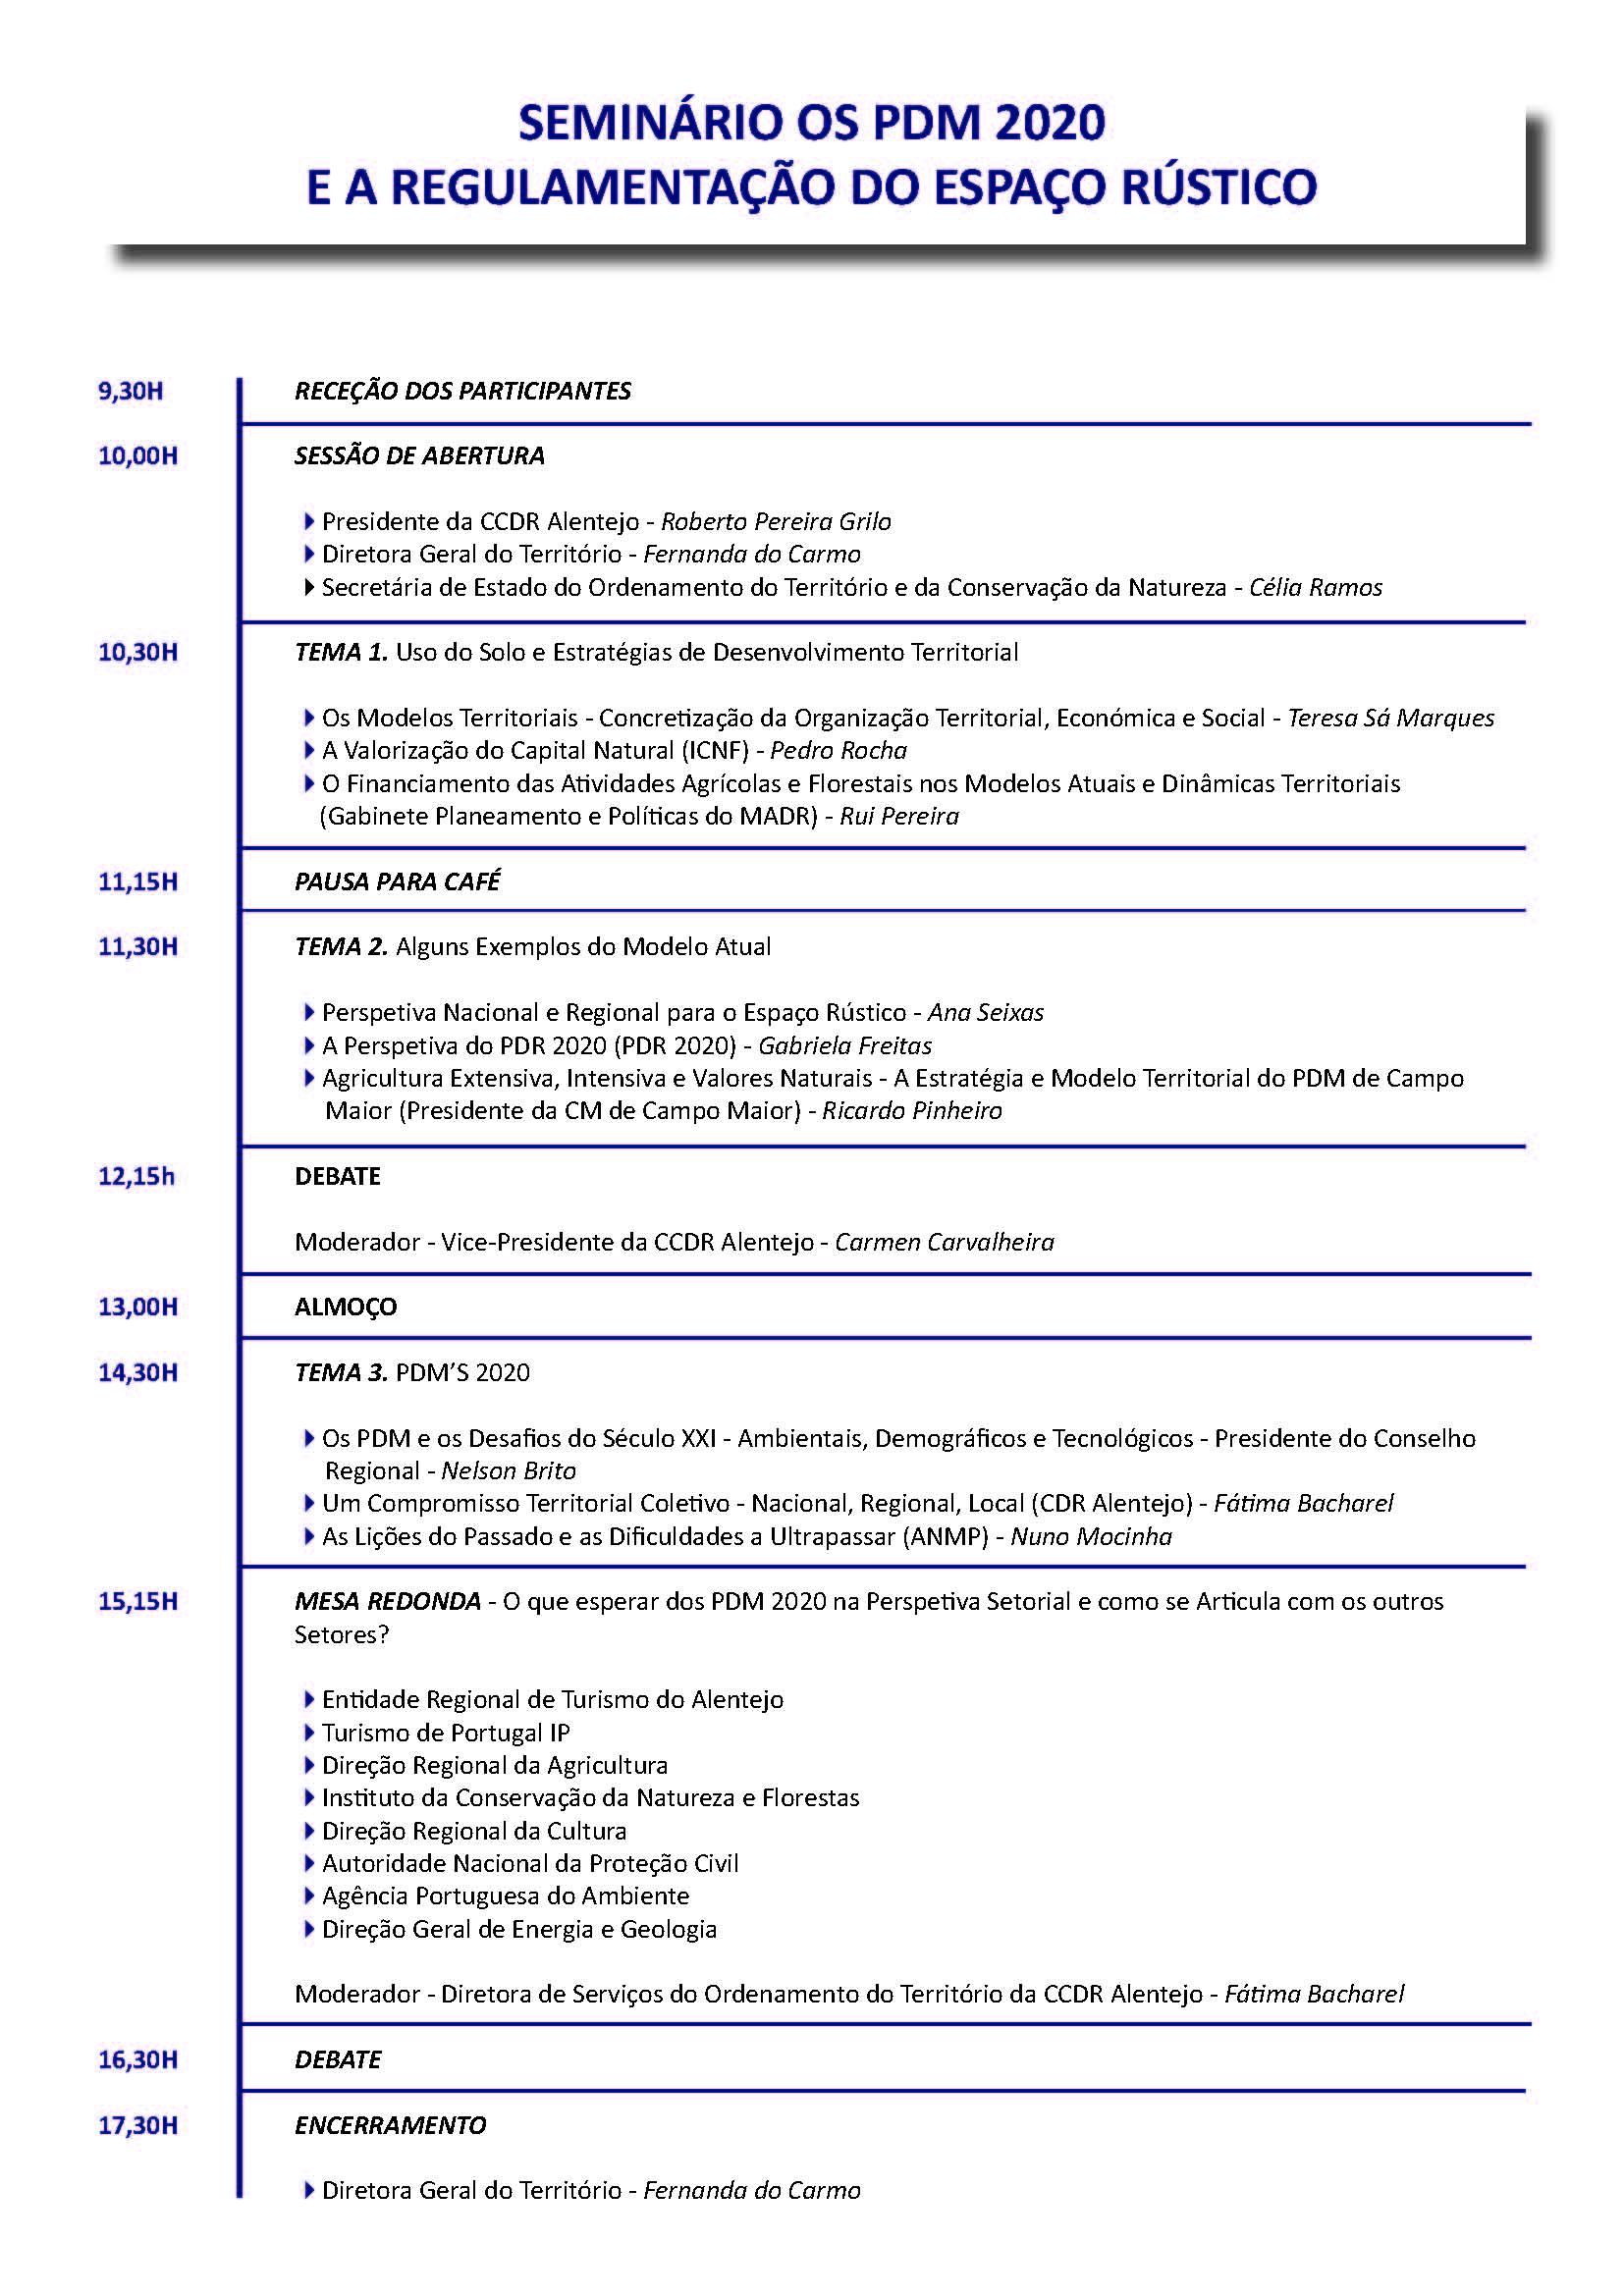 Programa - Seminário PDM2020 - A Regulamentação do Espaço Rústico